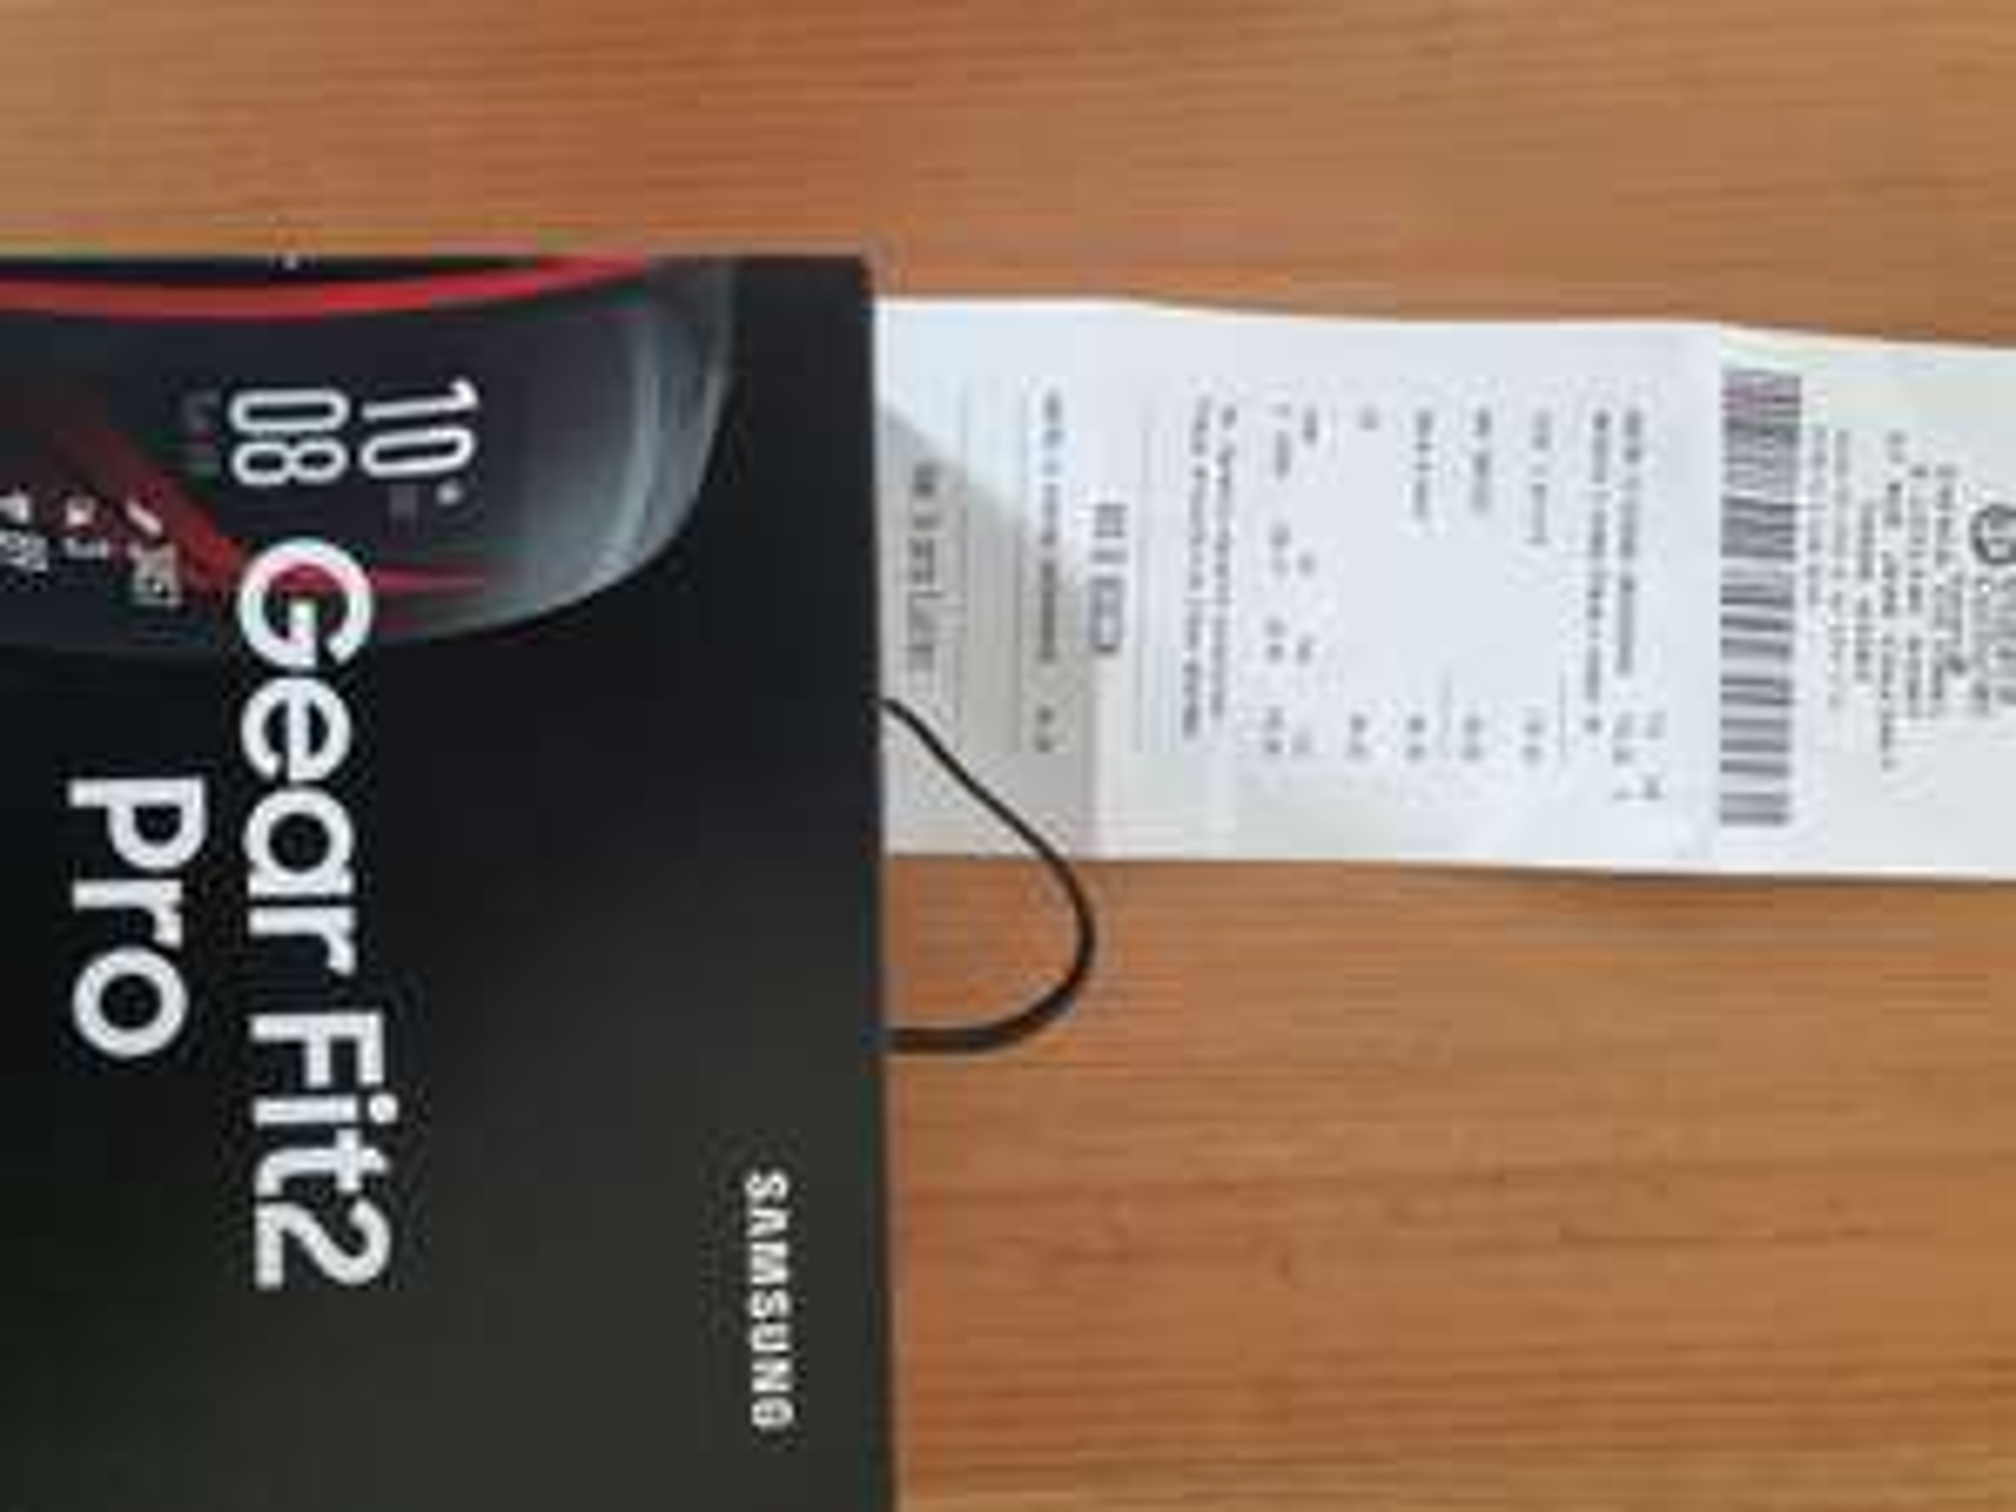 Bracelet Connecté Samsung Gear Fit 2 Pro - Niort (79)